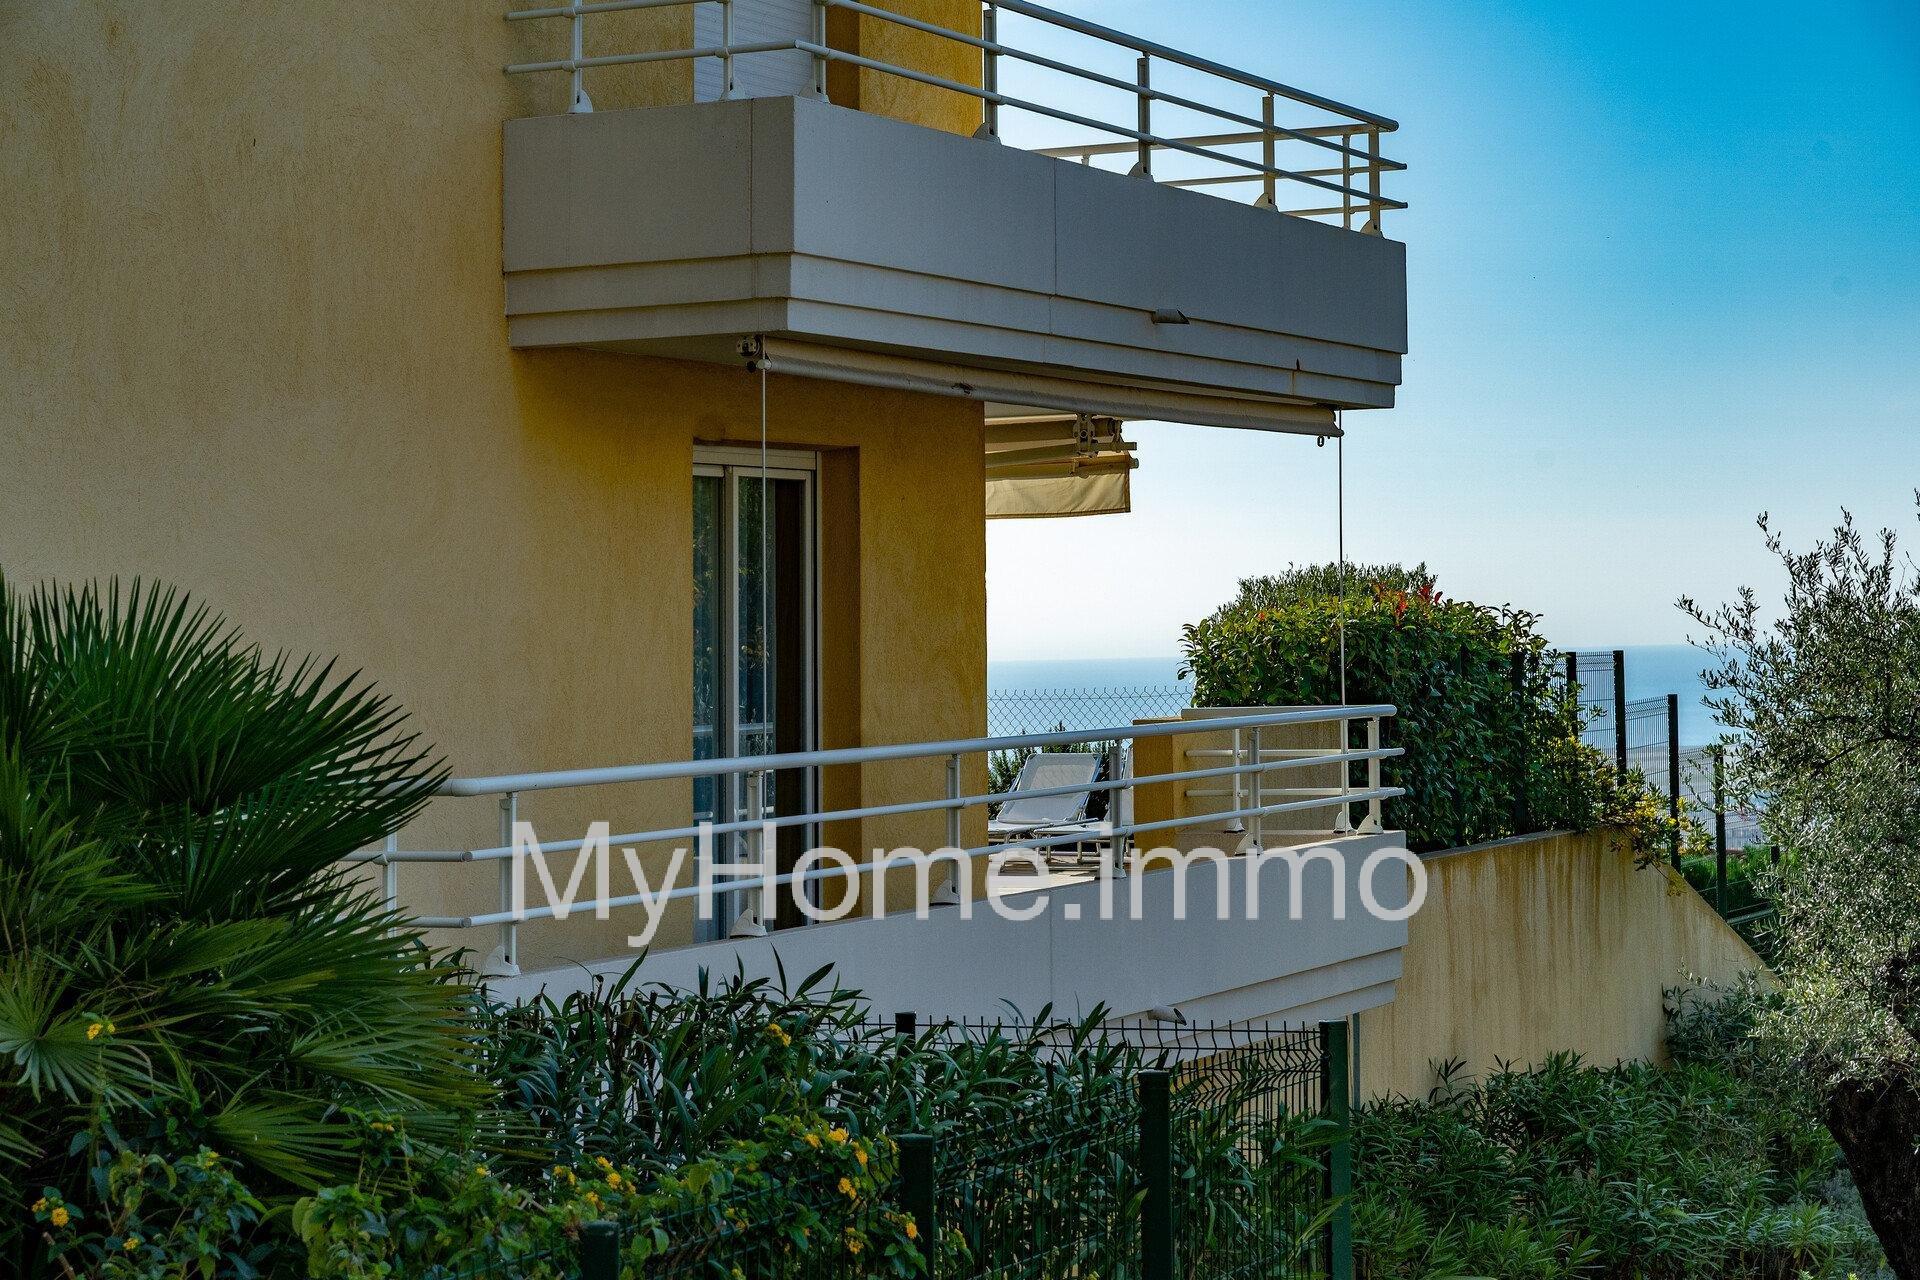 NICE OUEST-LANTERNE - 3 pièces de  74m²  avec terrasse et vue mer sur le Cap d'Antibes.